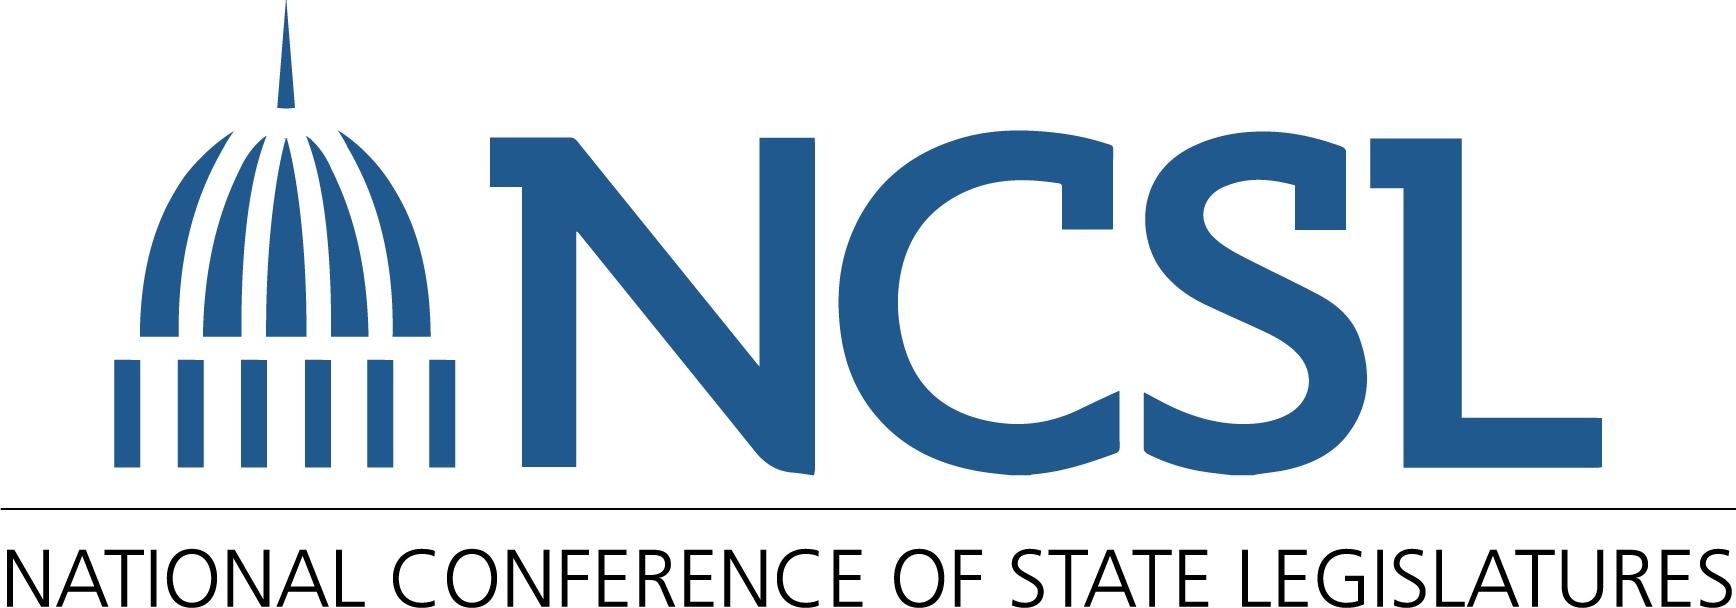 Copy of ncsl